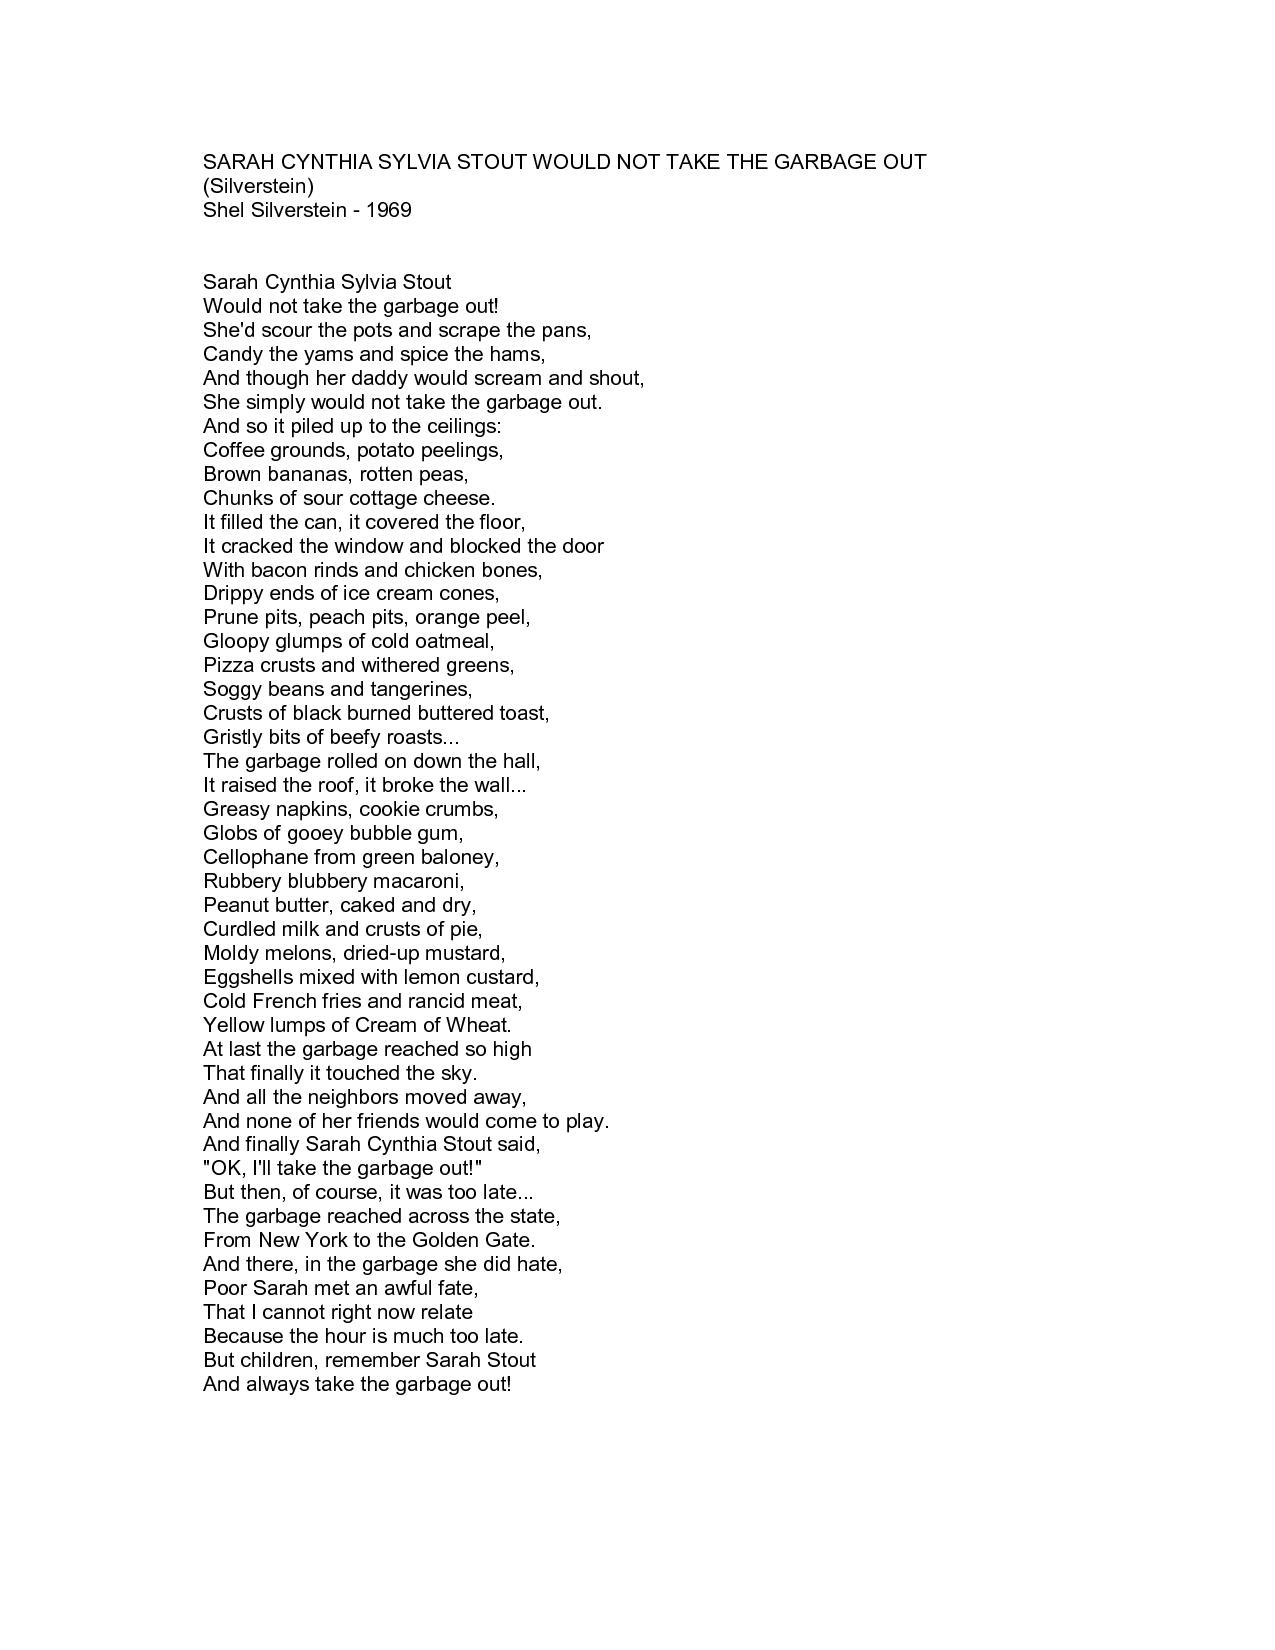 Sick Poem By Shel Silverstein